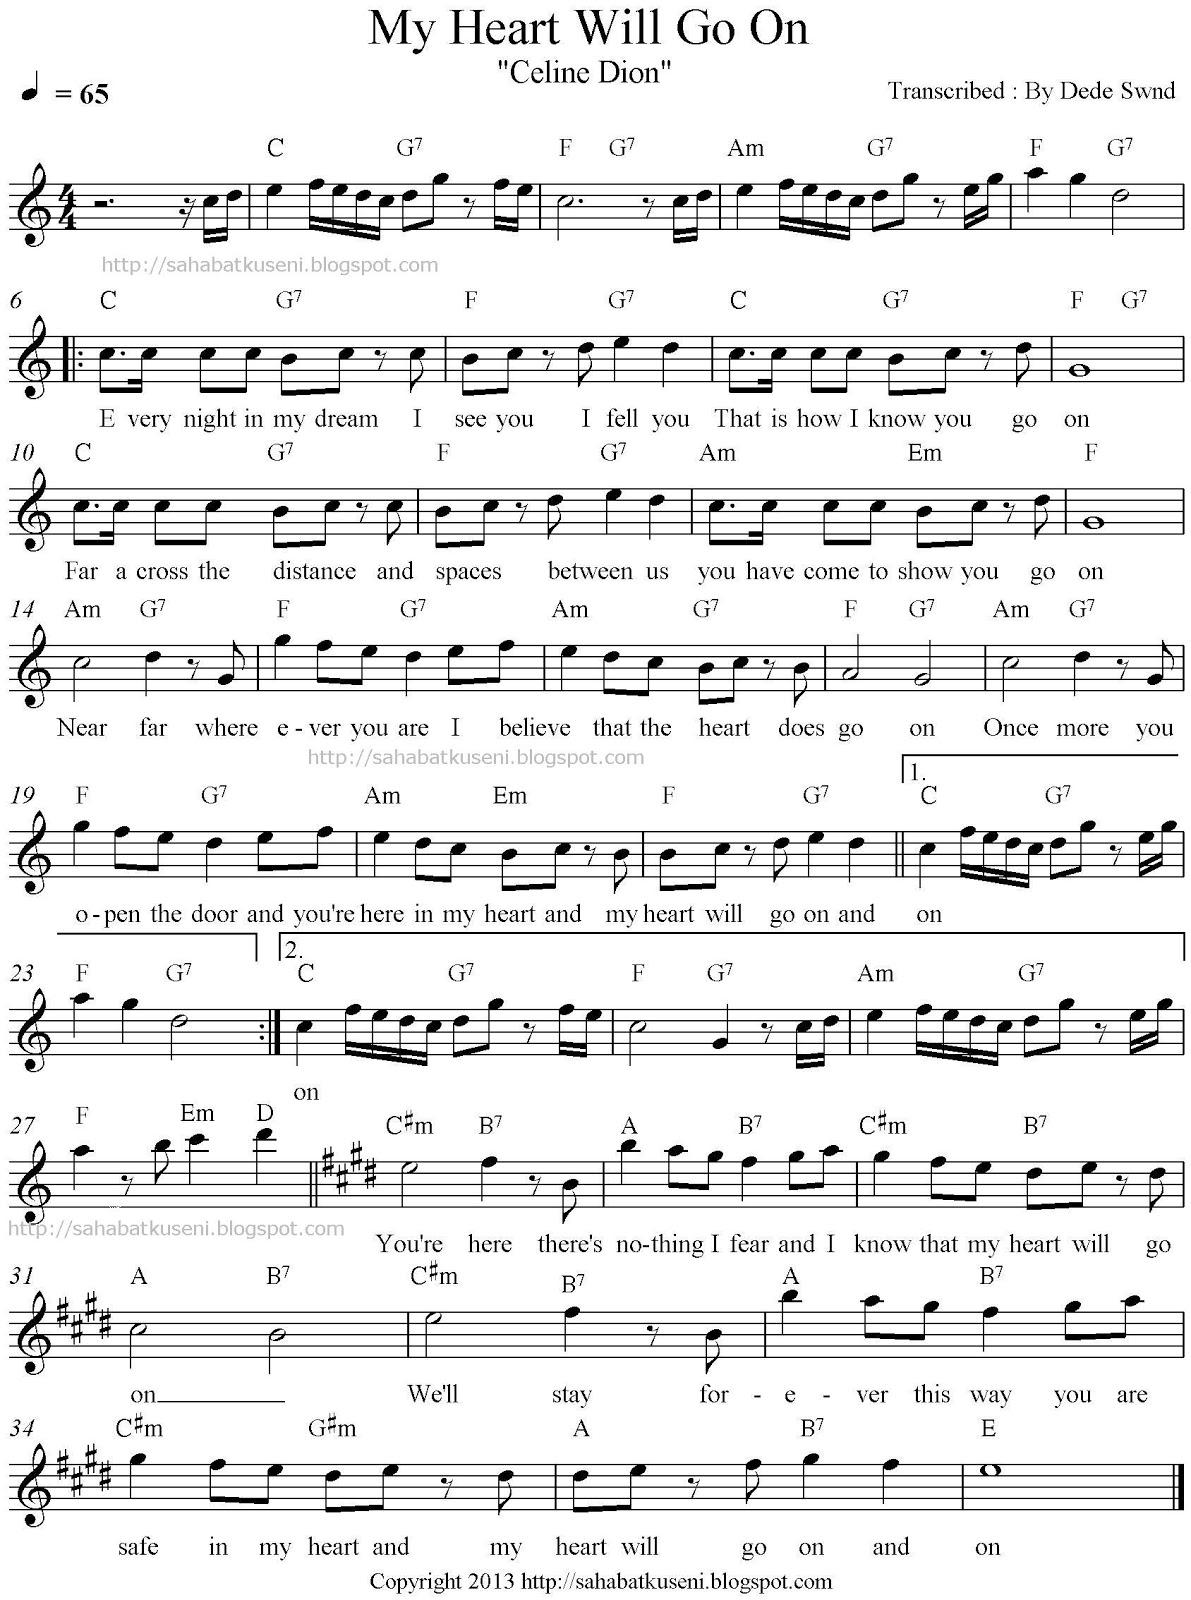 not balok lagu my heart will go on